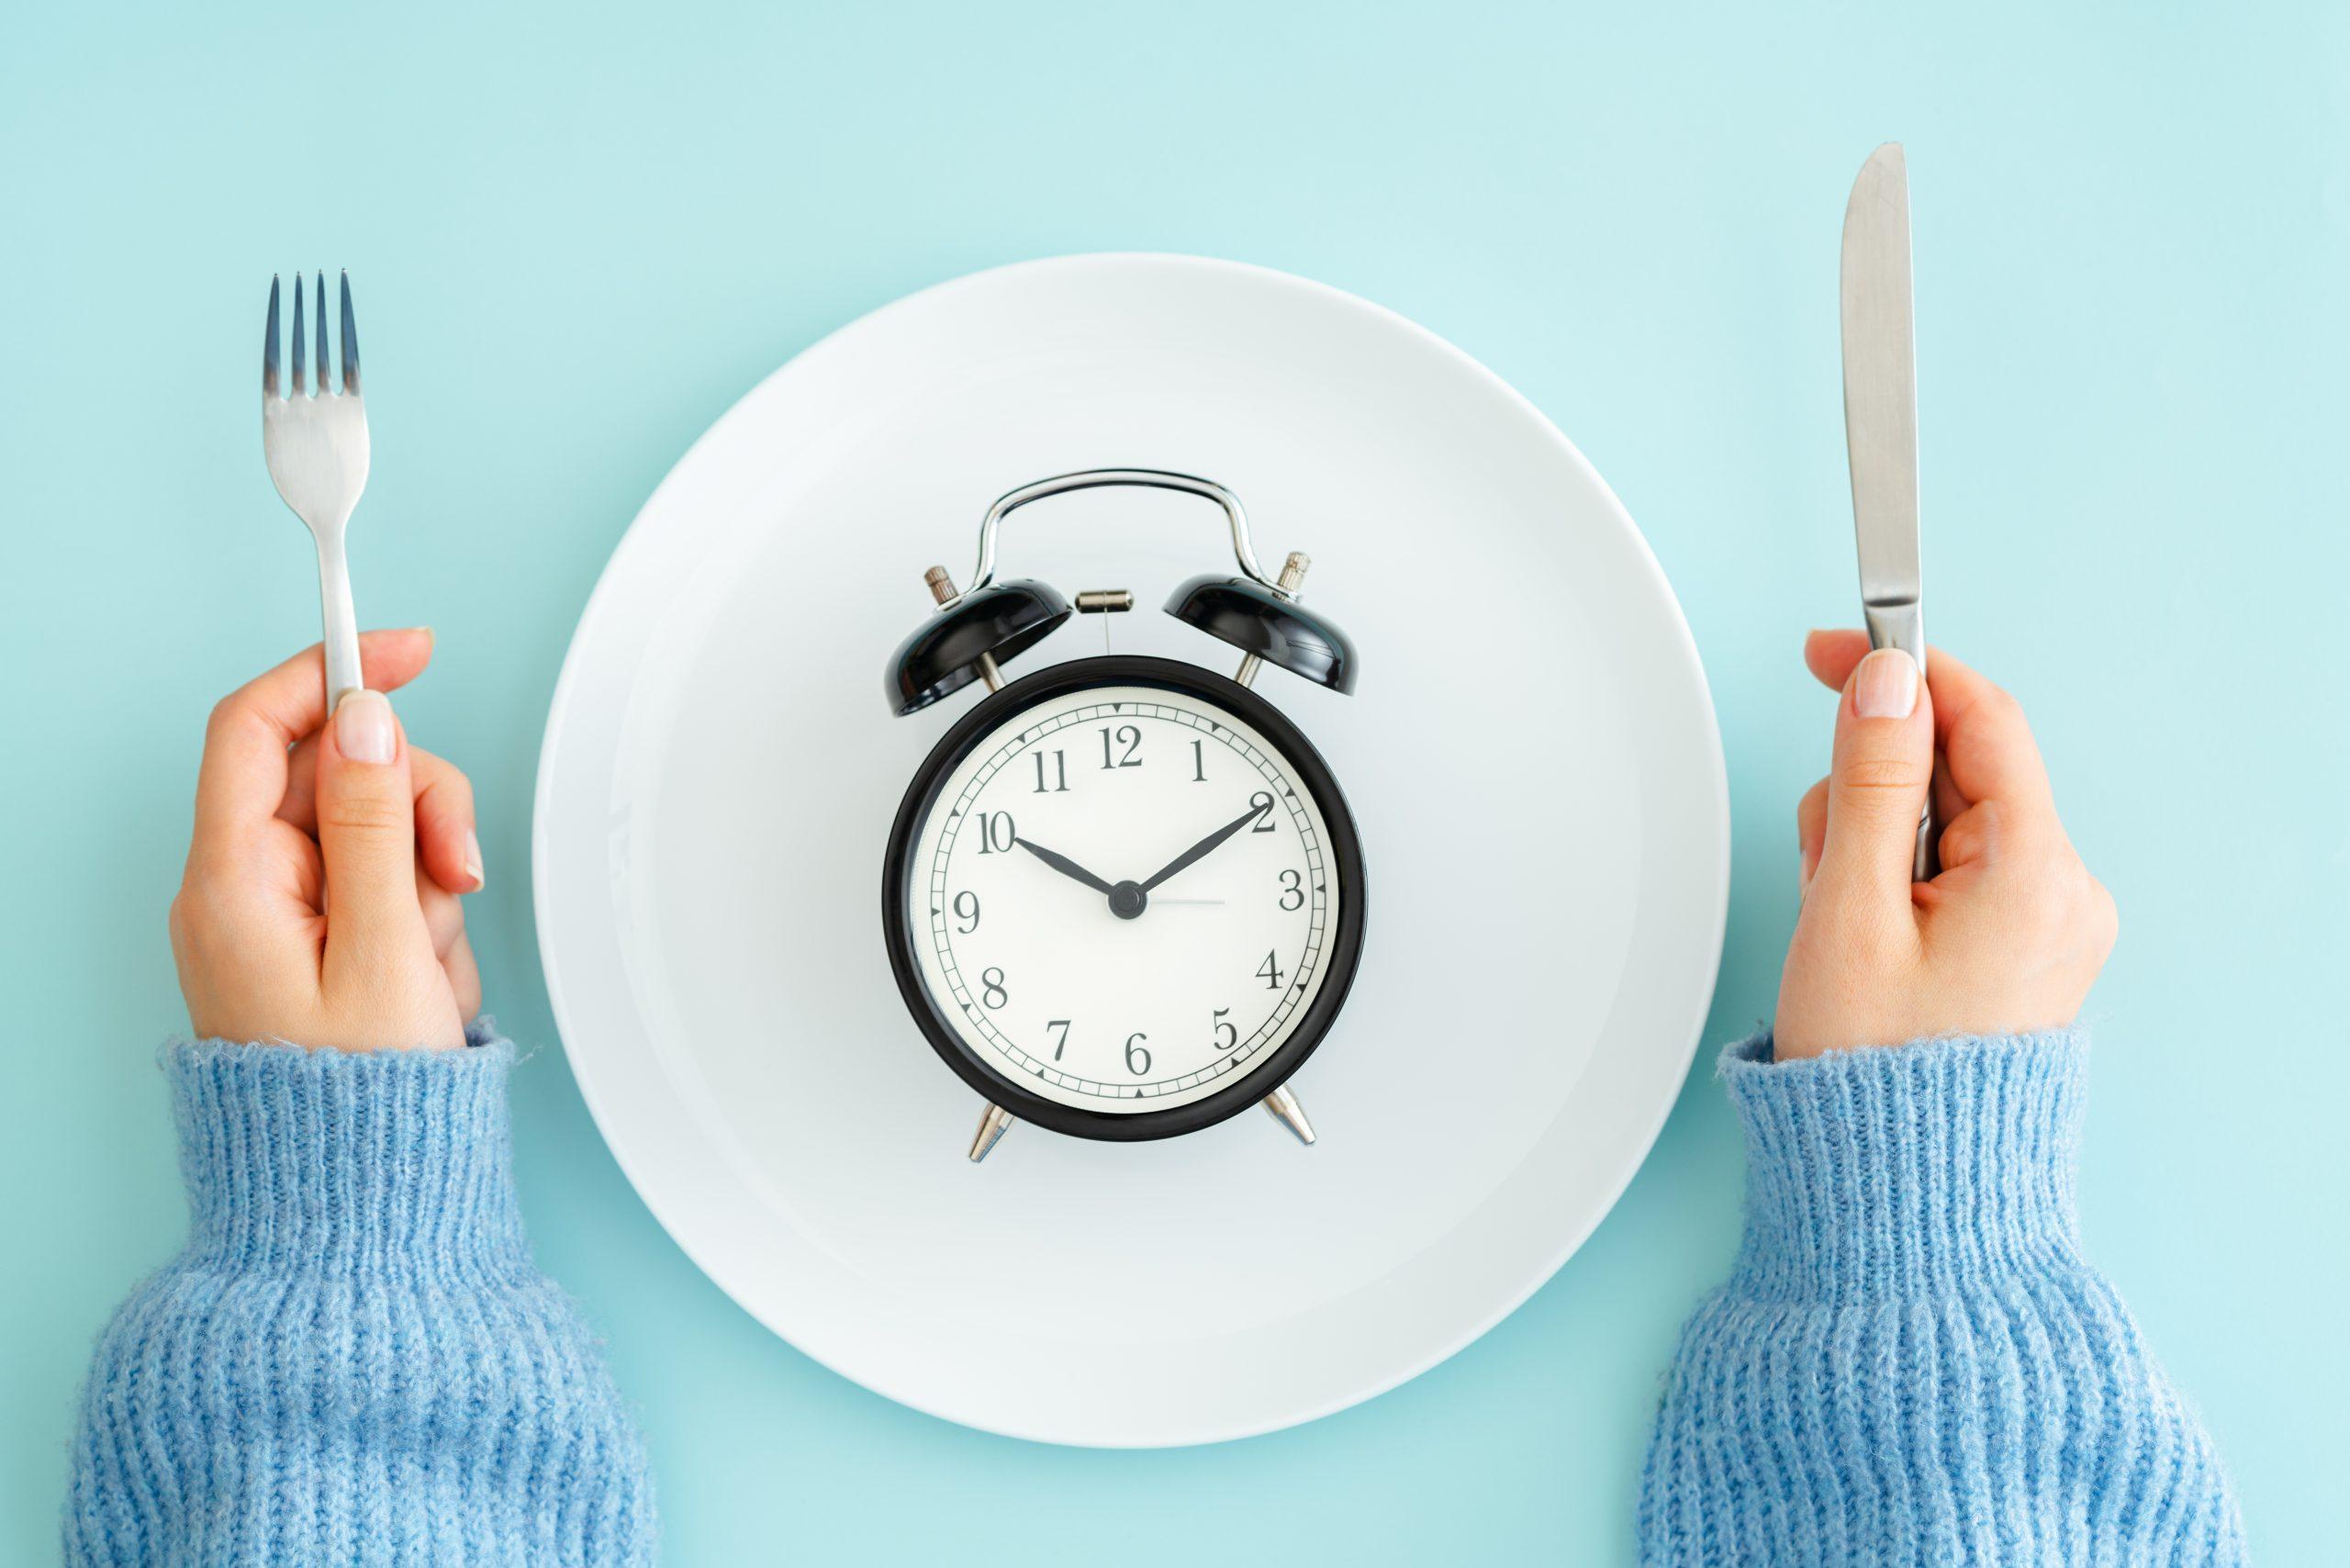 Правда про інтервальне голодування